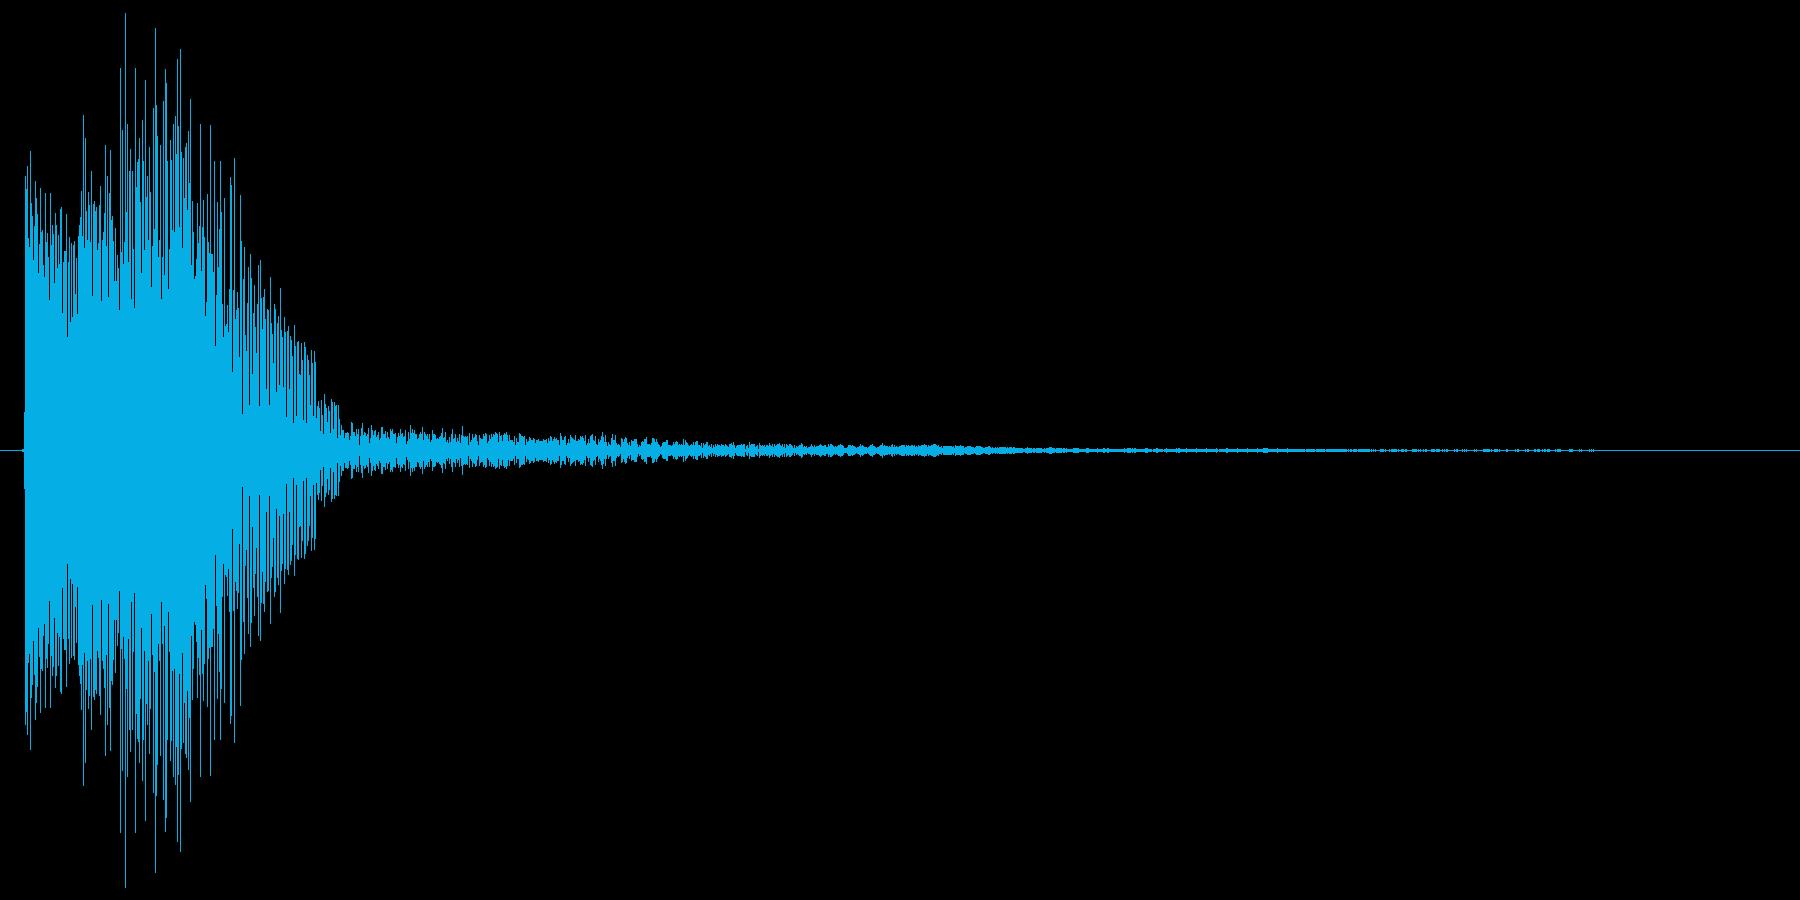 シンセ下降系のシンプルなキャンセル音の再生済みの波形